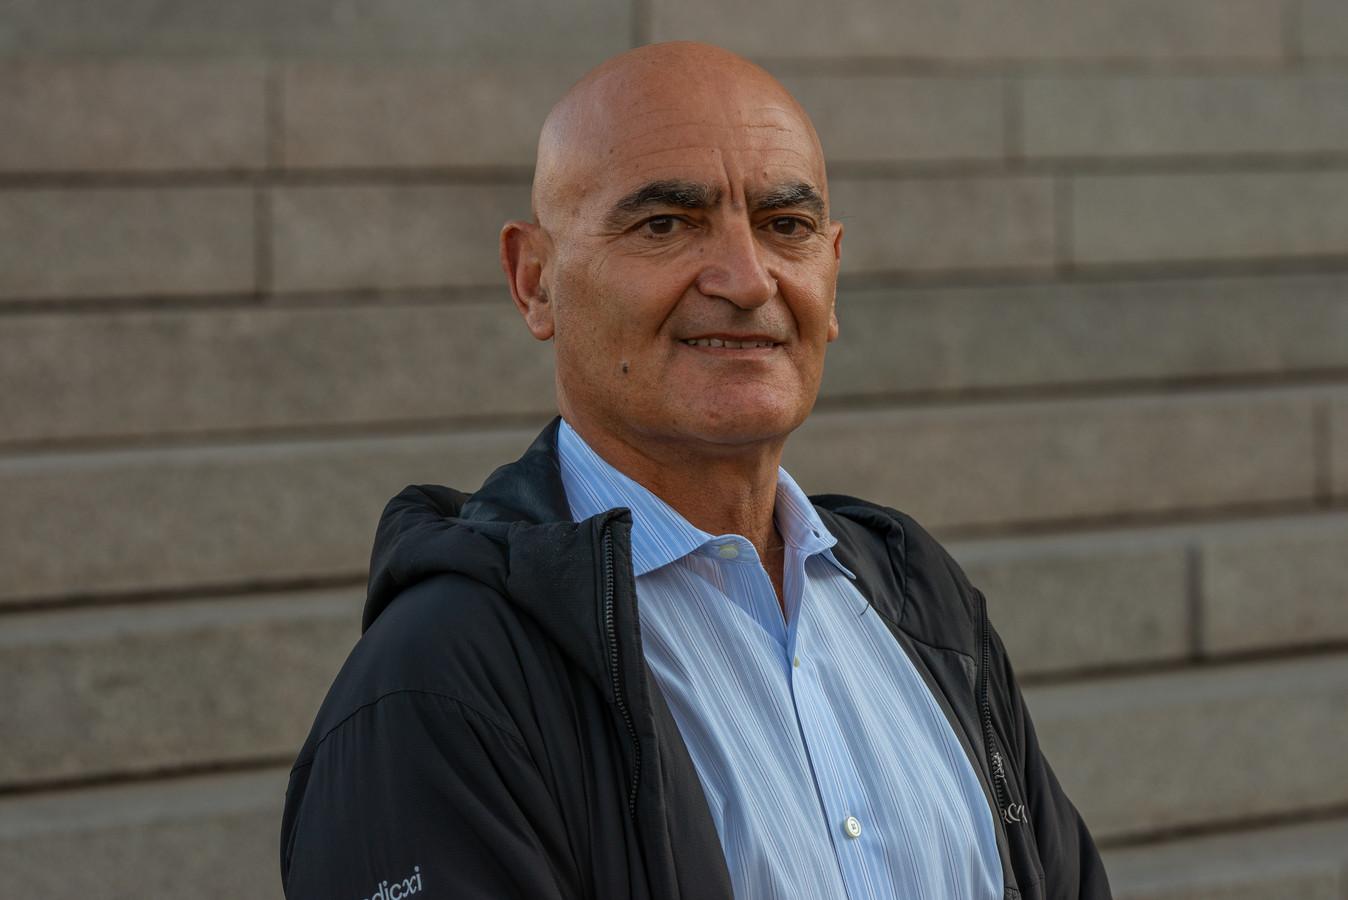 Moncef Slaoui: 'Gelukkig neemt het aantal mensen gekant tegen vaccins af. Ik denk niet dat ze groepsimmuniteit zullen verhinderen.'